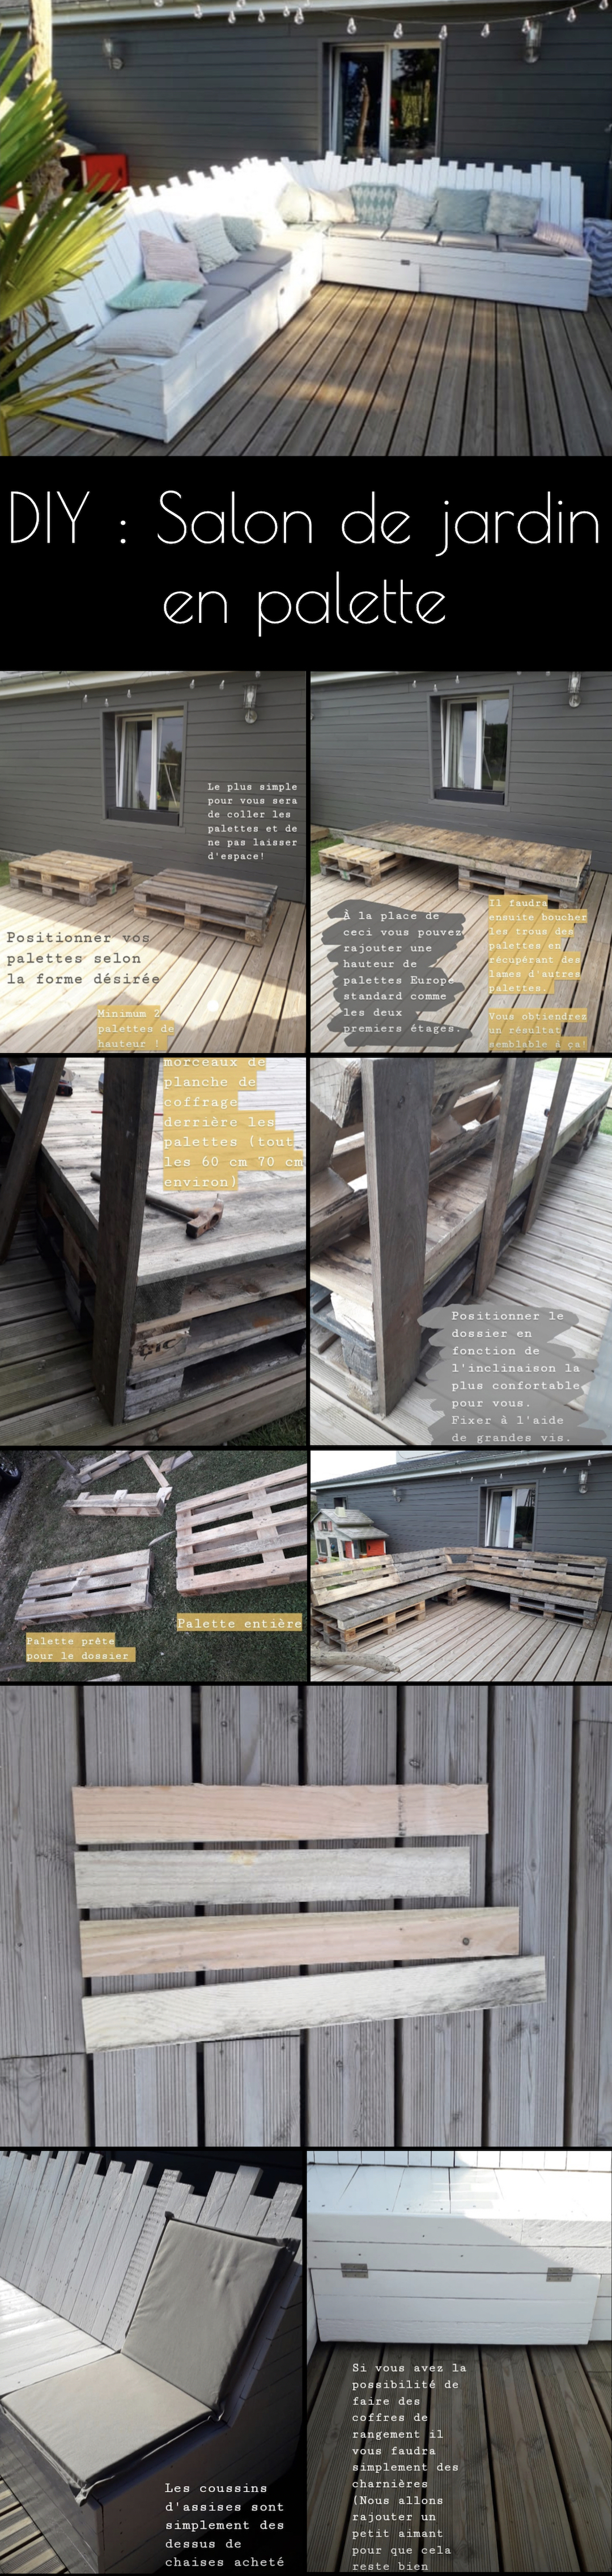 salon de jardin palette diy facile terrasse tendance décoration extérieure - blog déco clematc